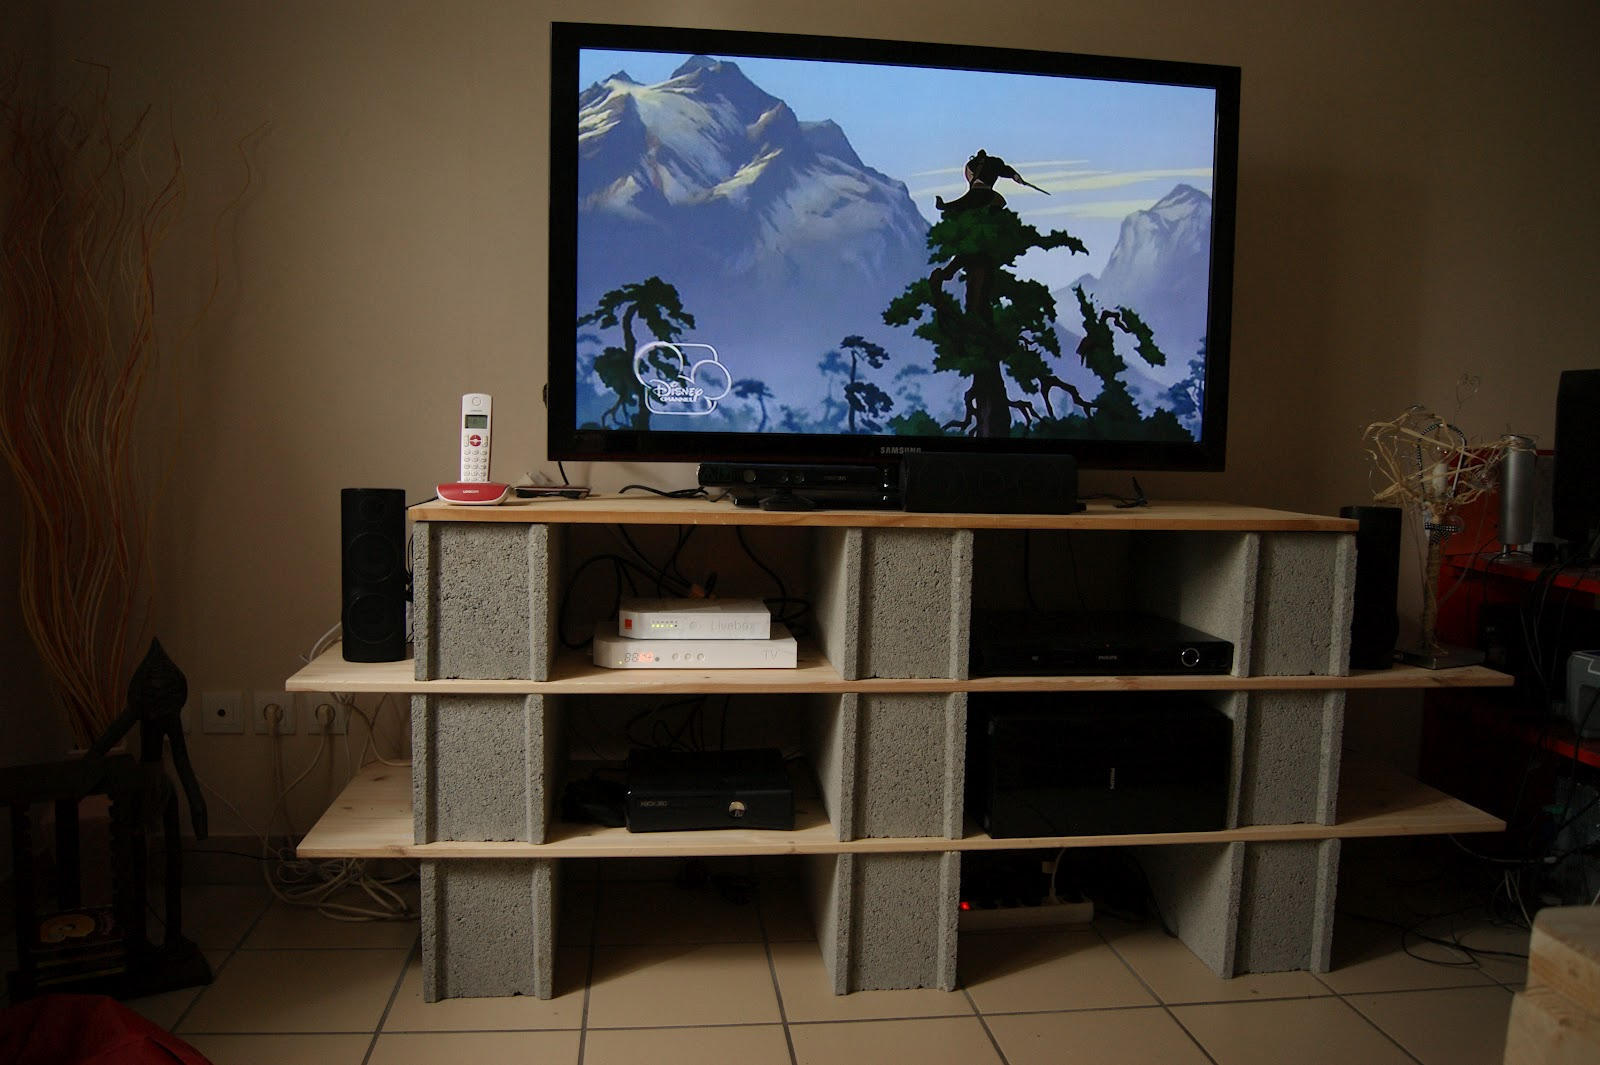 Meuble Hifi Parpaing - Meuble Tv Avec Des Parpaings Solutions Pour La D Coration [mjhdah]http://img15.hostingpics.net/pics/777794Parpaings2.jpg